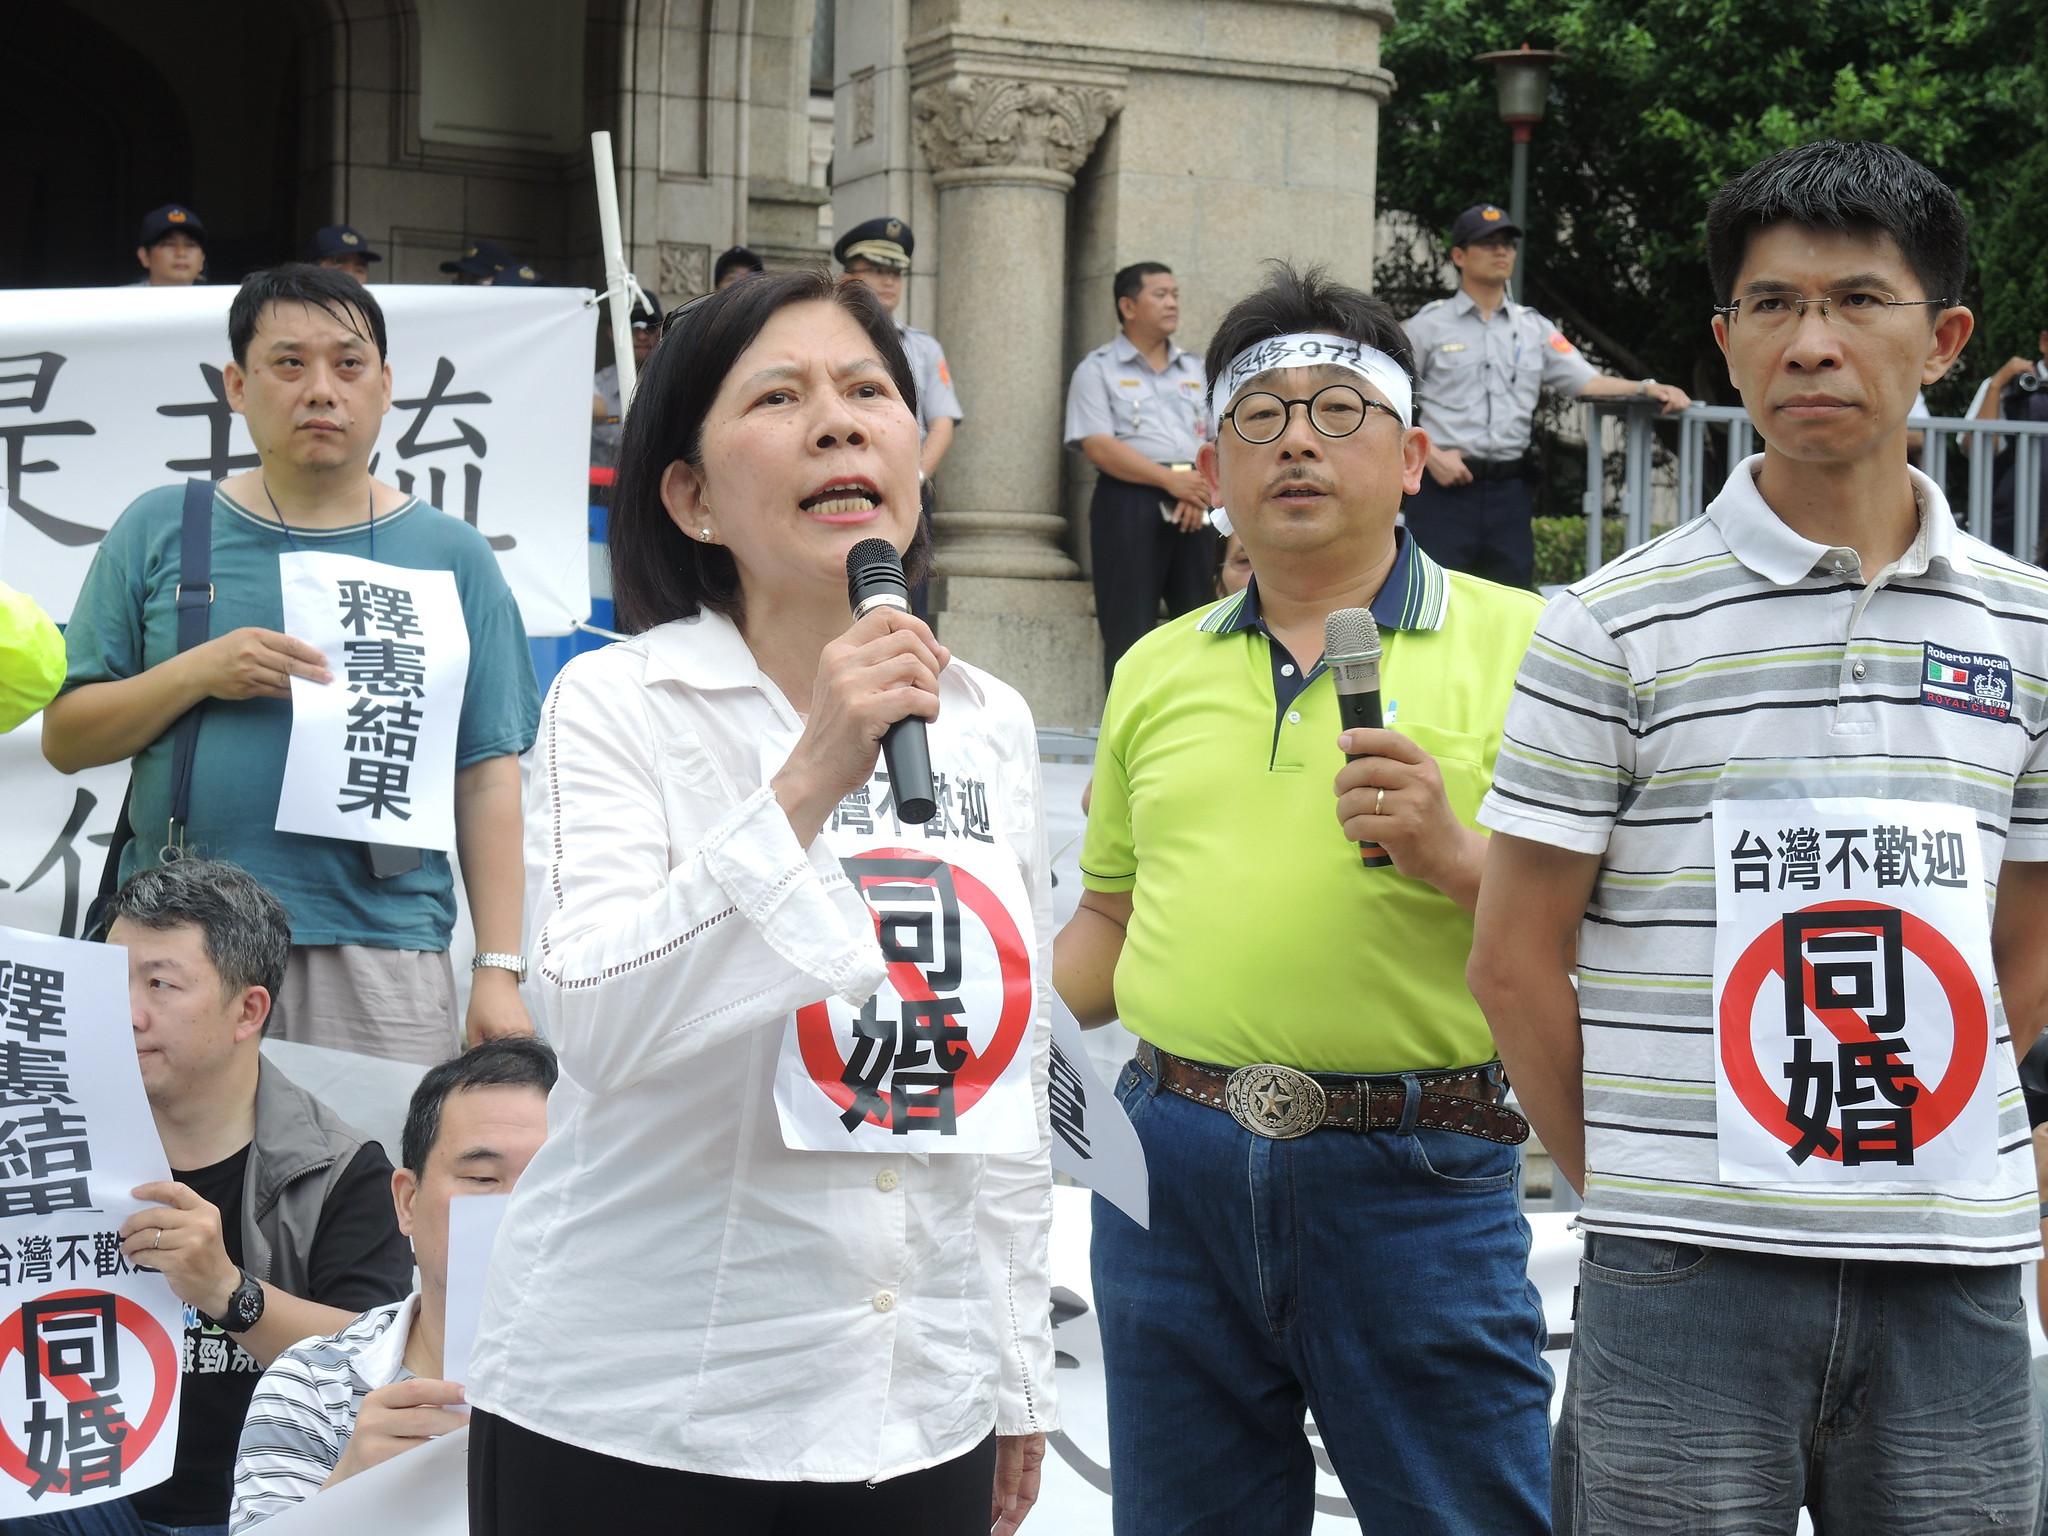 下福盟抗議大法官釋憲,高呼「台灣不歡迎同婚」。(攝影:曾福全)